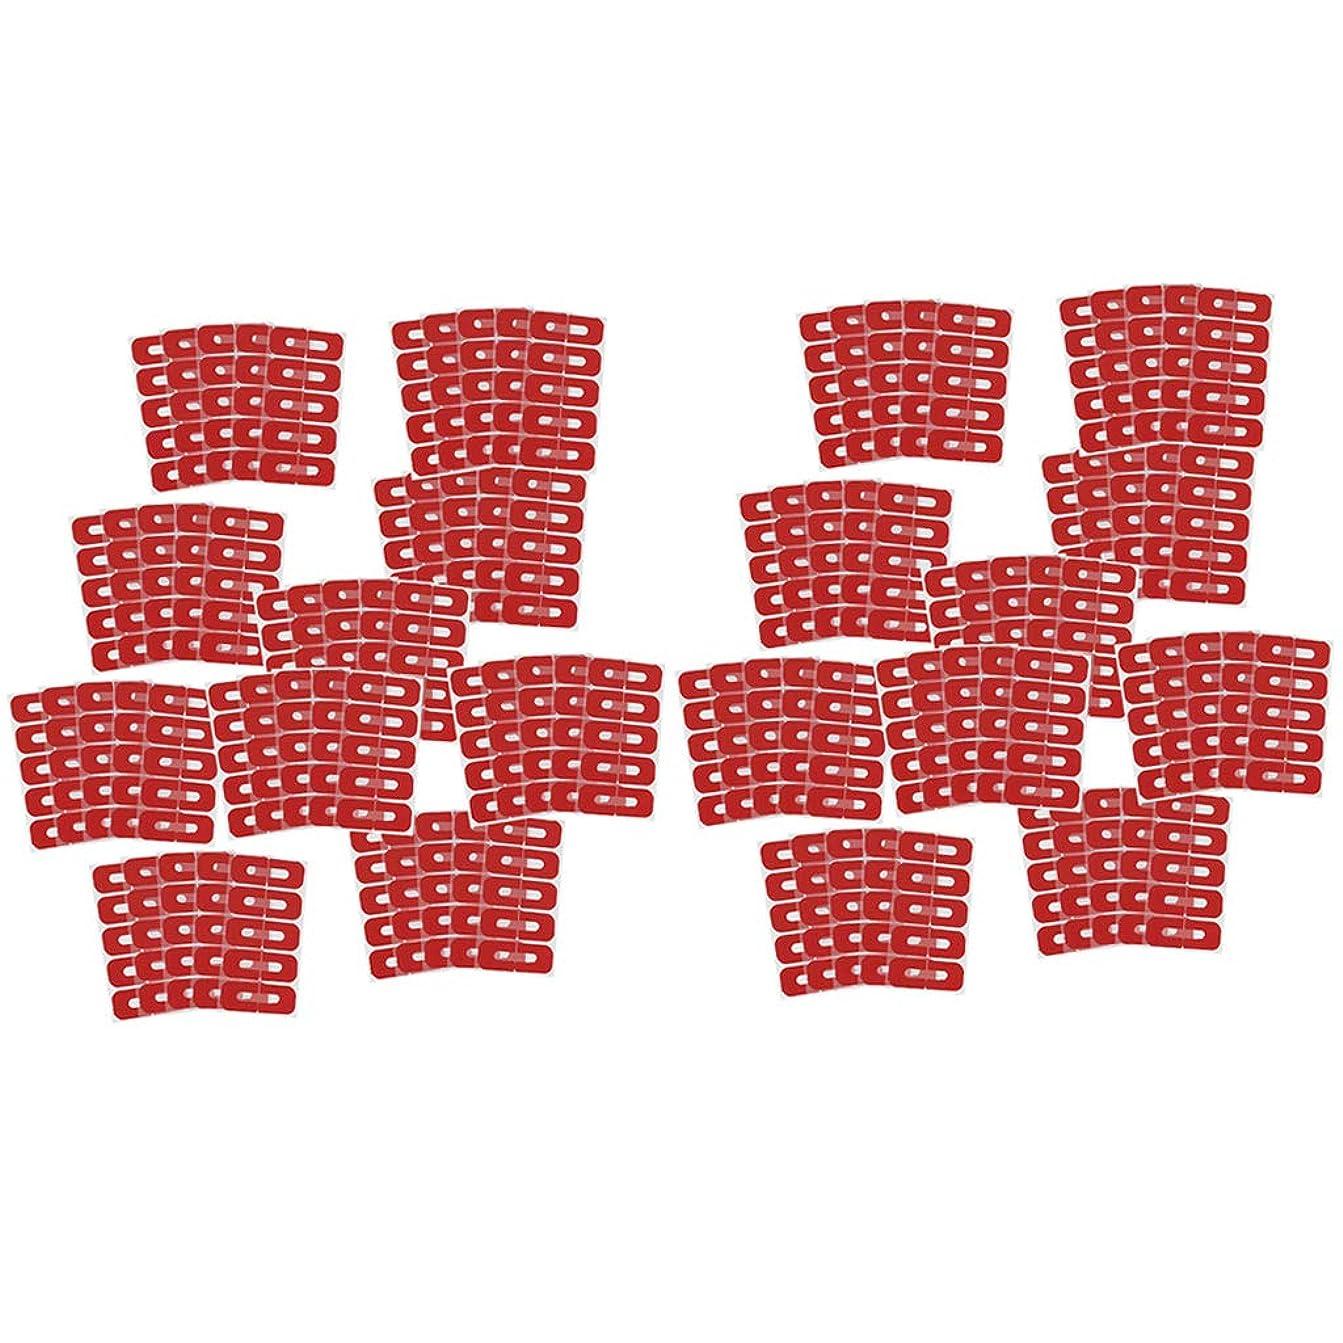 ジョグ救出流行しているCUTICATE ネイルカバー ネイルプロテクター ネイルアート はみ出し防止 溢れを防止 マニキュア ネイルケア